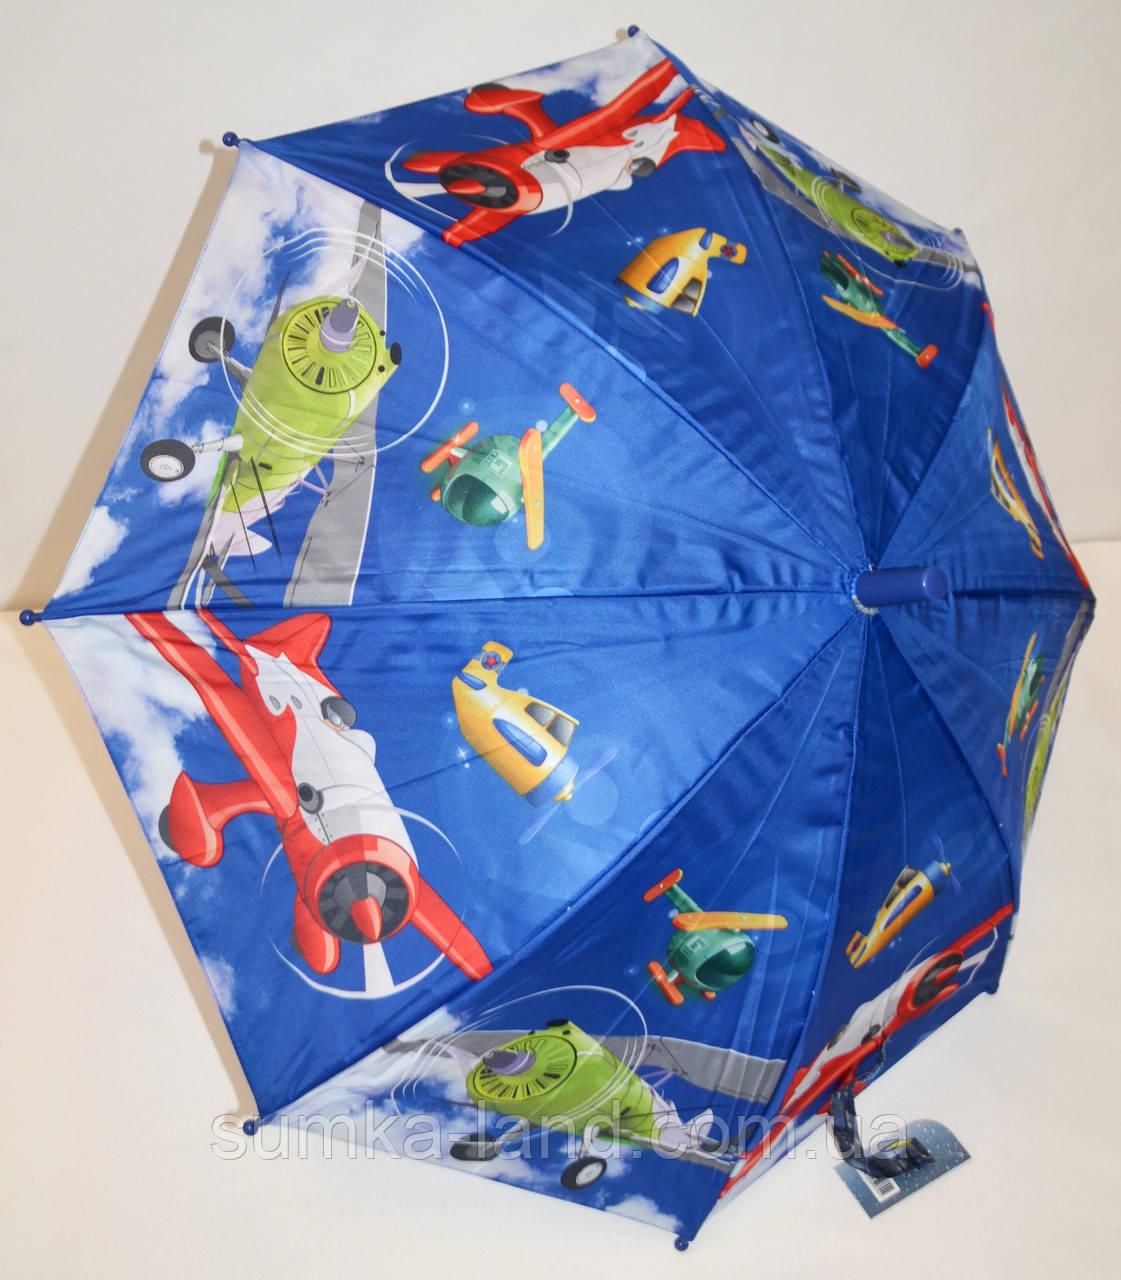 Дитячий синій парасолька-тростина для хлопчиків Fiaba зі свистком і на 8 спиць, Вертолетік